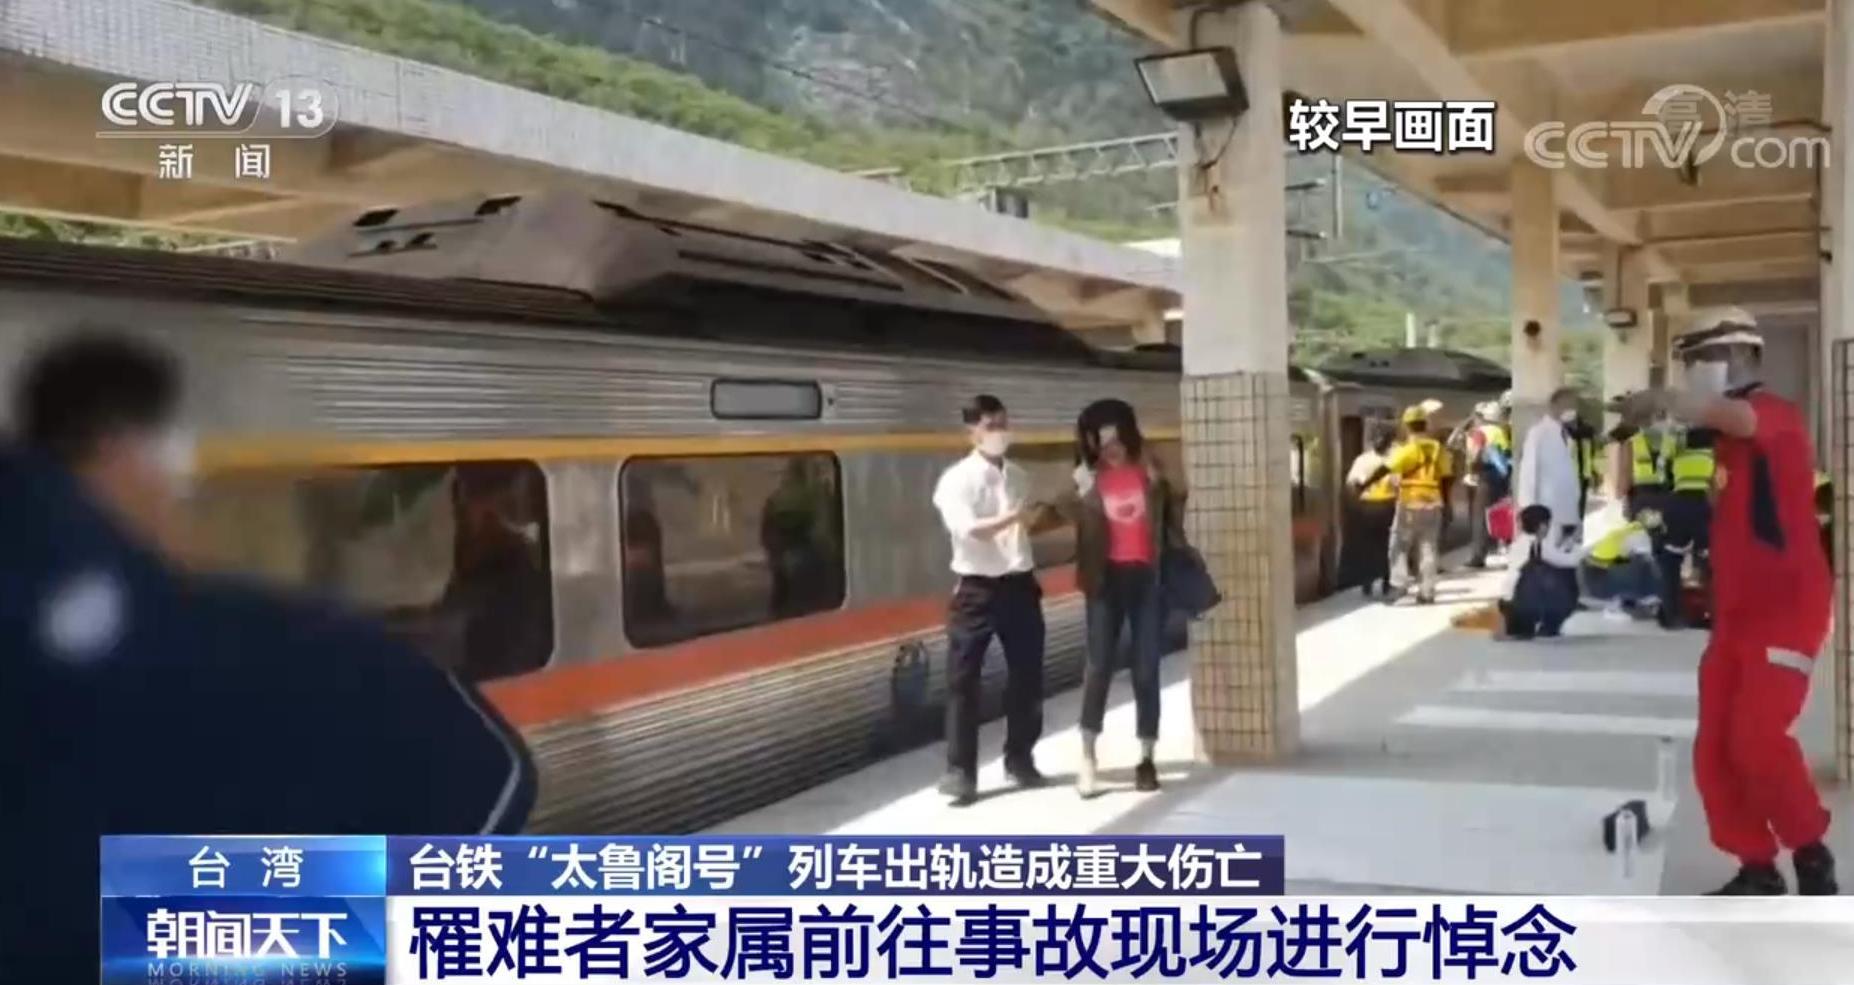 """台铁""""太鲁阁号""""列车出轨造成重大伤亡 唯一一位大陆乘客轻伤已出院图片"""